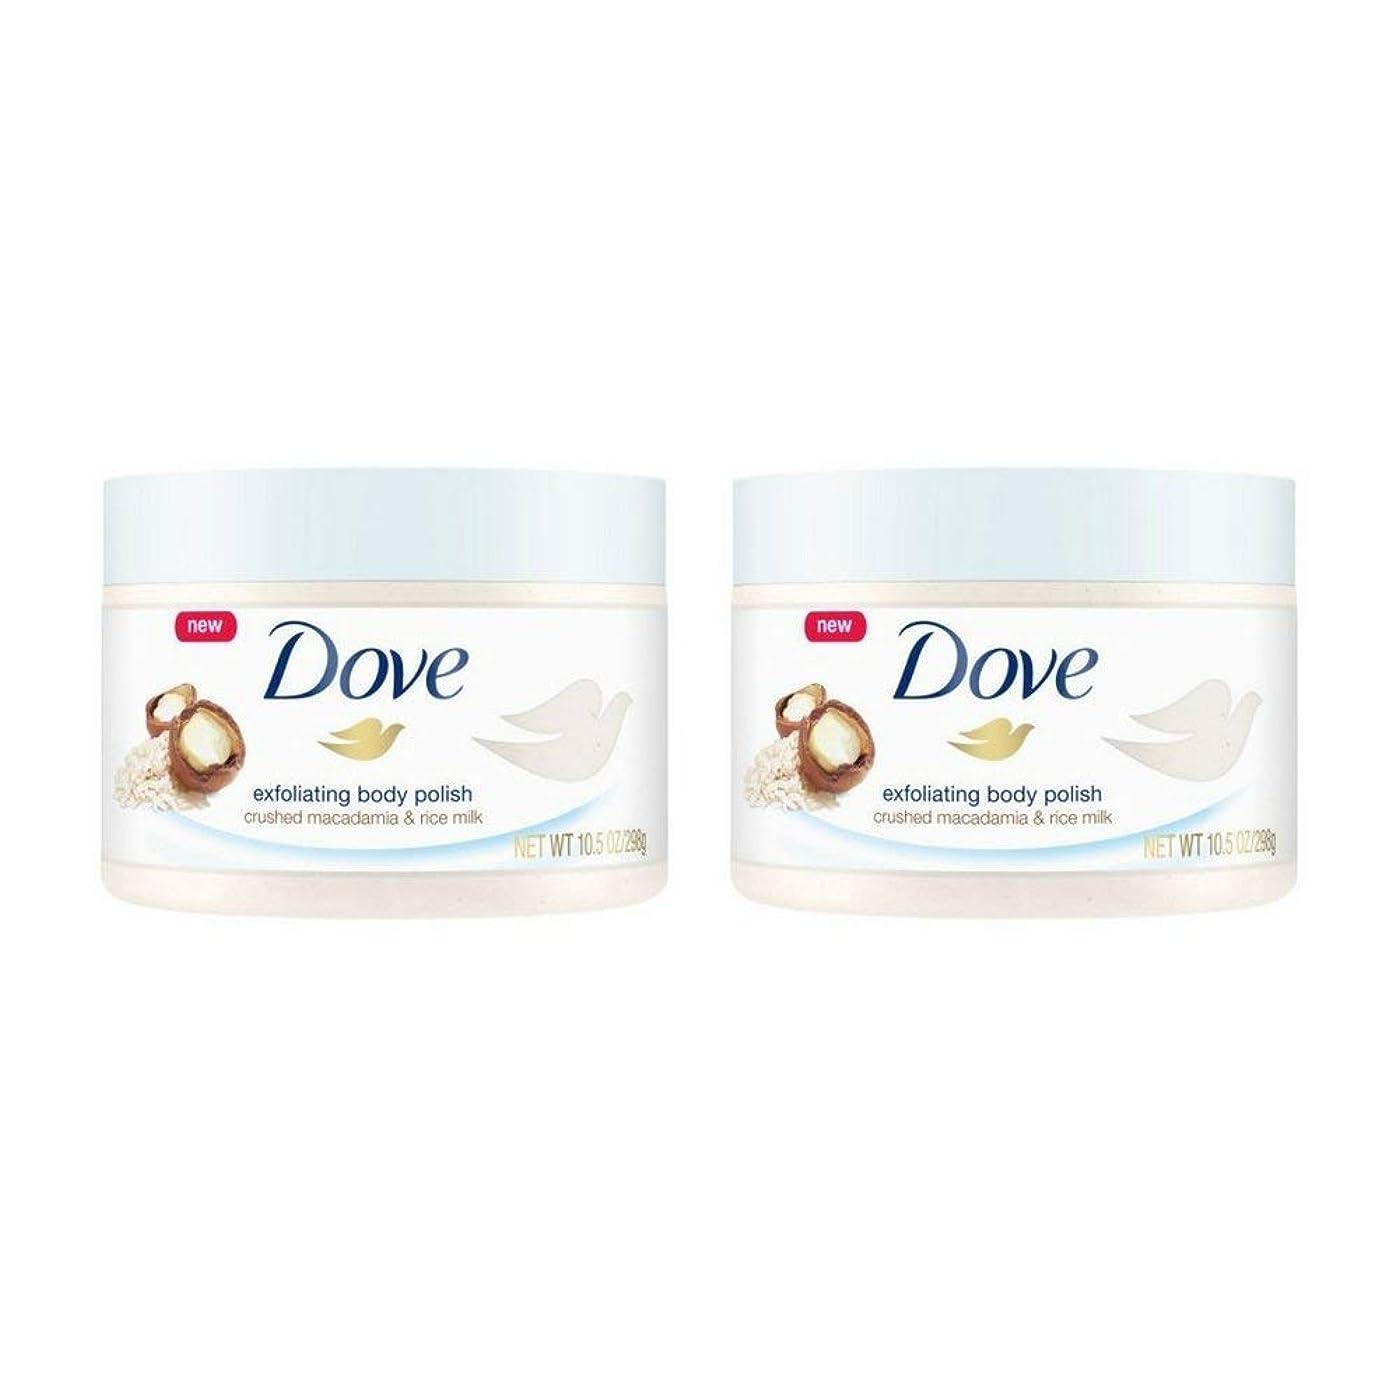 そうどちらか原因Dove Exfoliating Body Polish Body Scrub Macadamia & Rice Milk 10.5 oz (2 pack) 141[並行輸入]